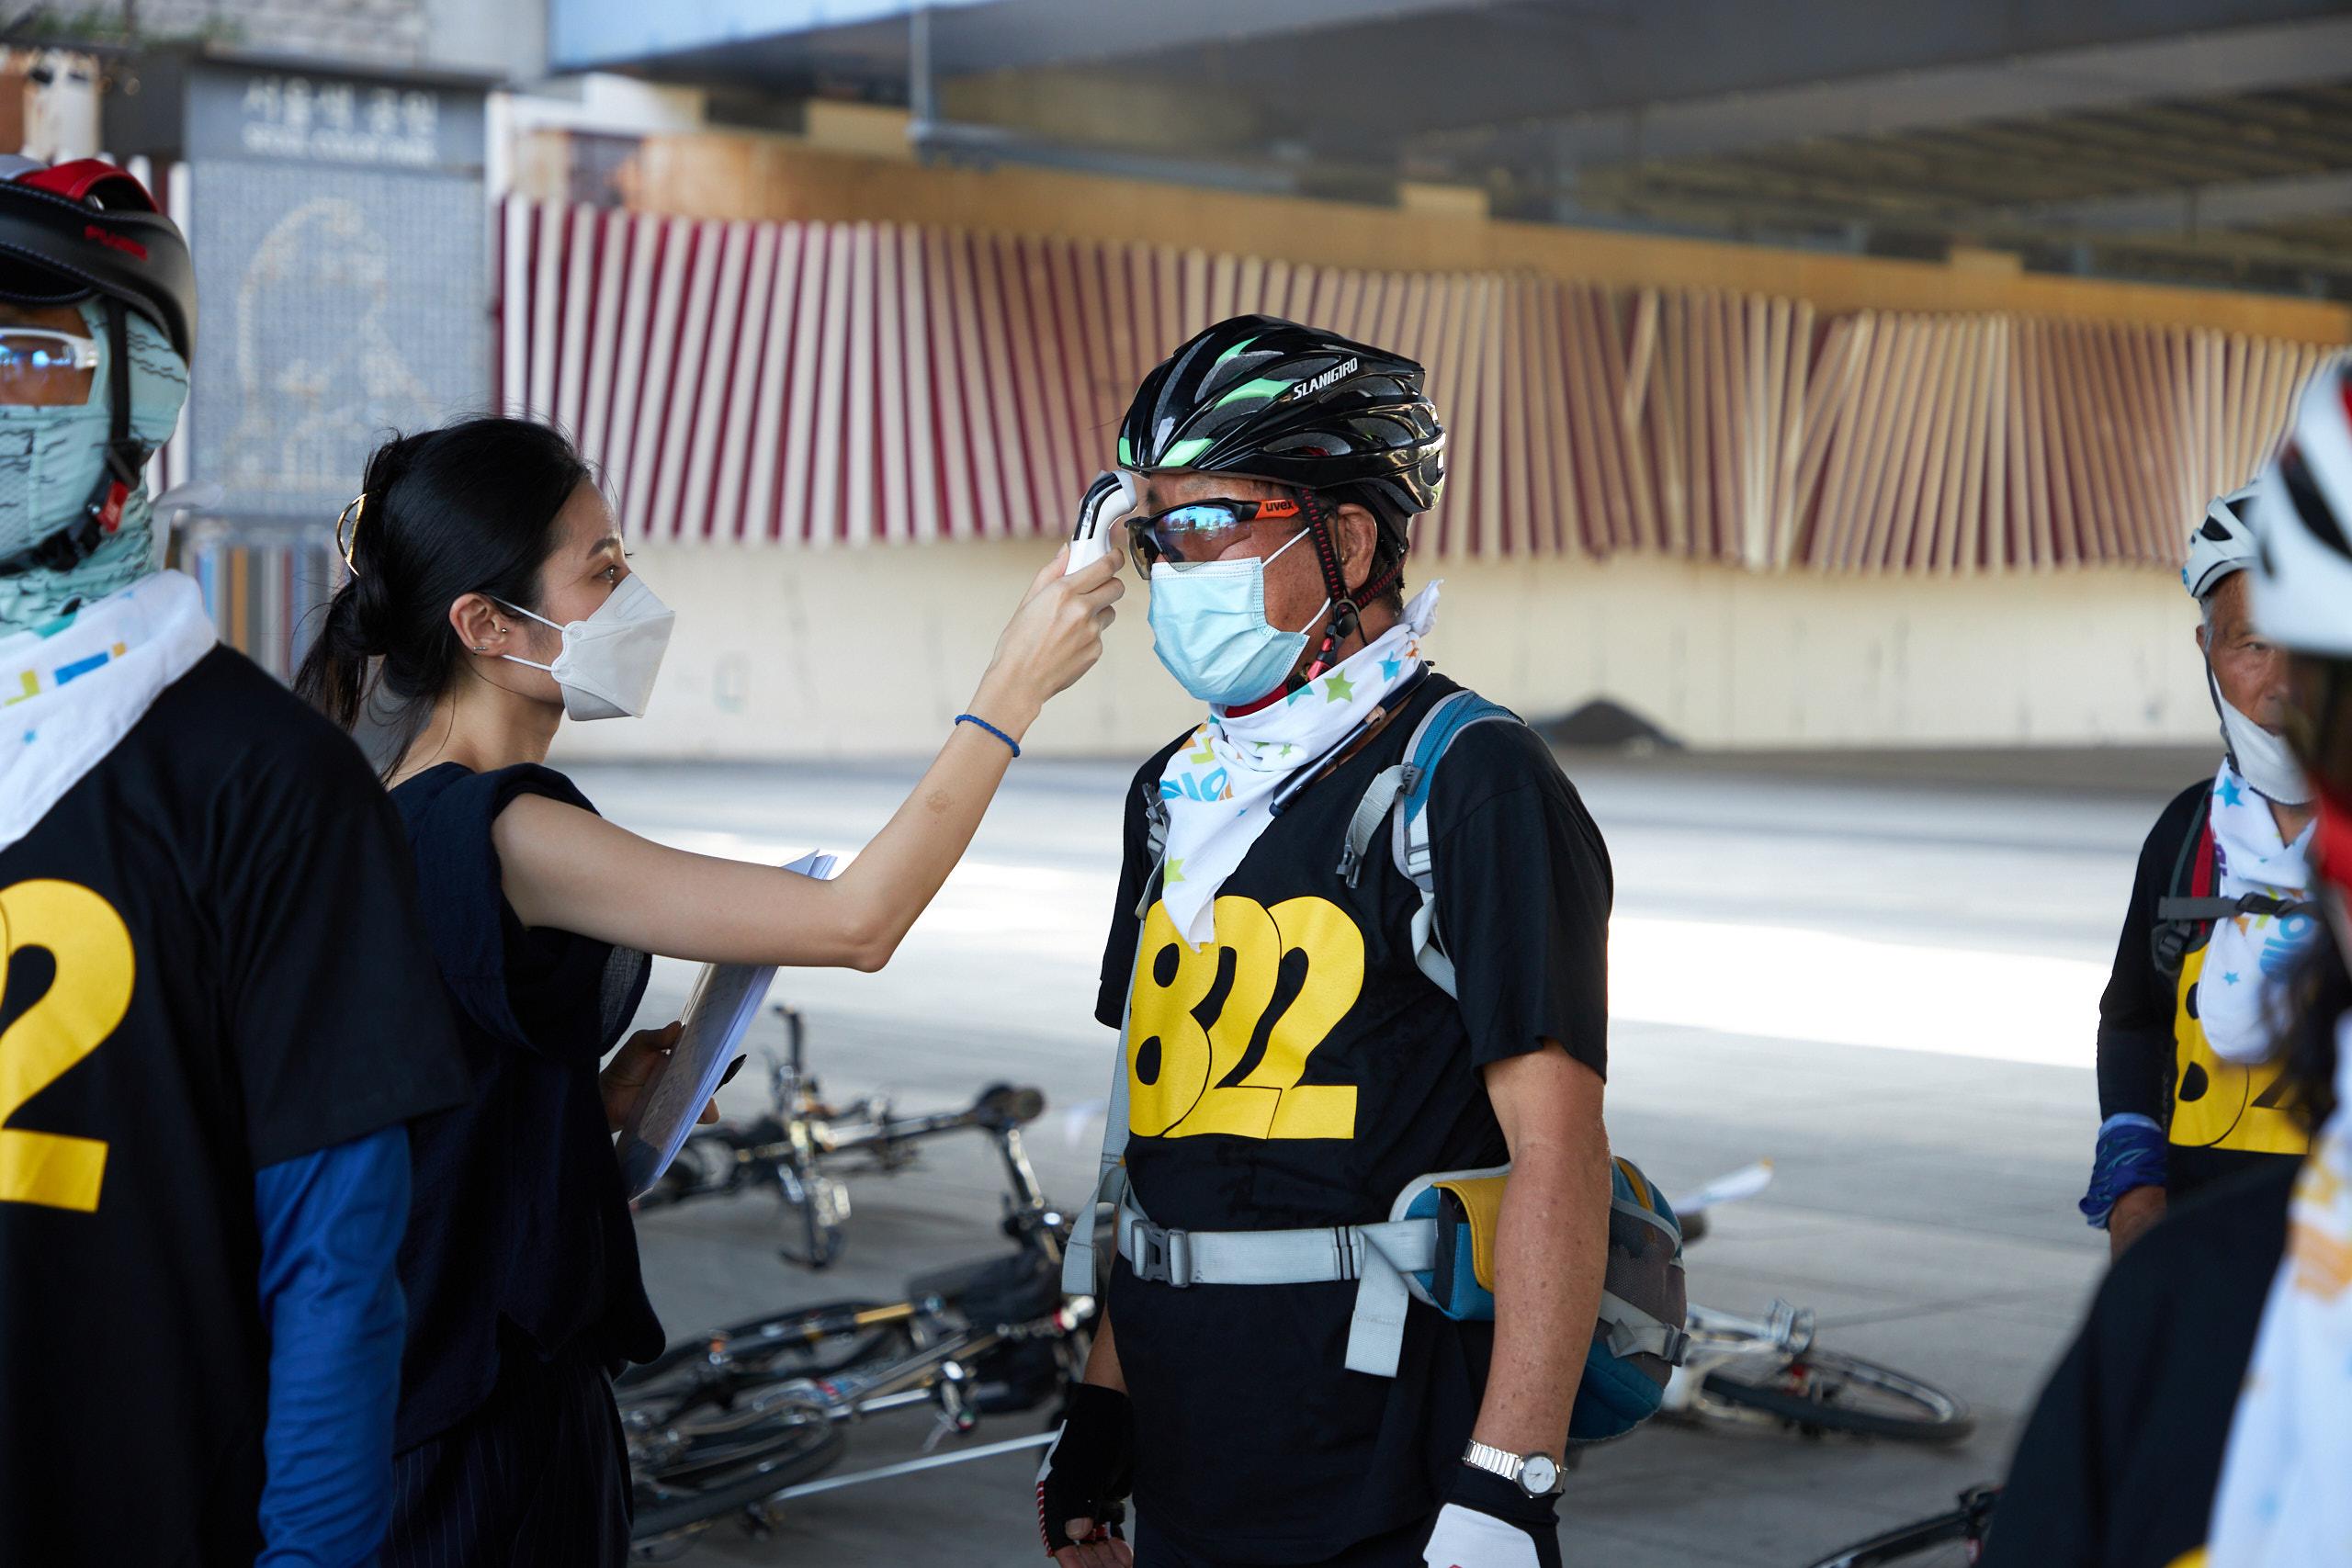 제17회 에너지의 날_2차 바이크스루 캠페인_안전교육_05.jpg